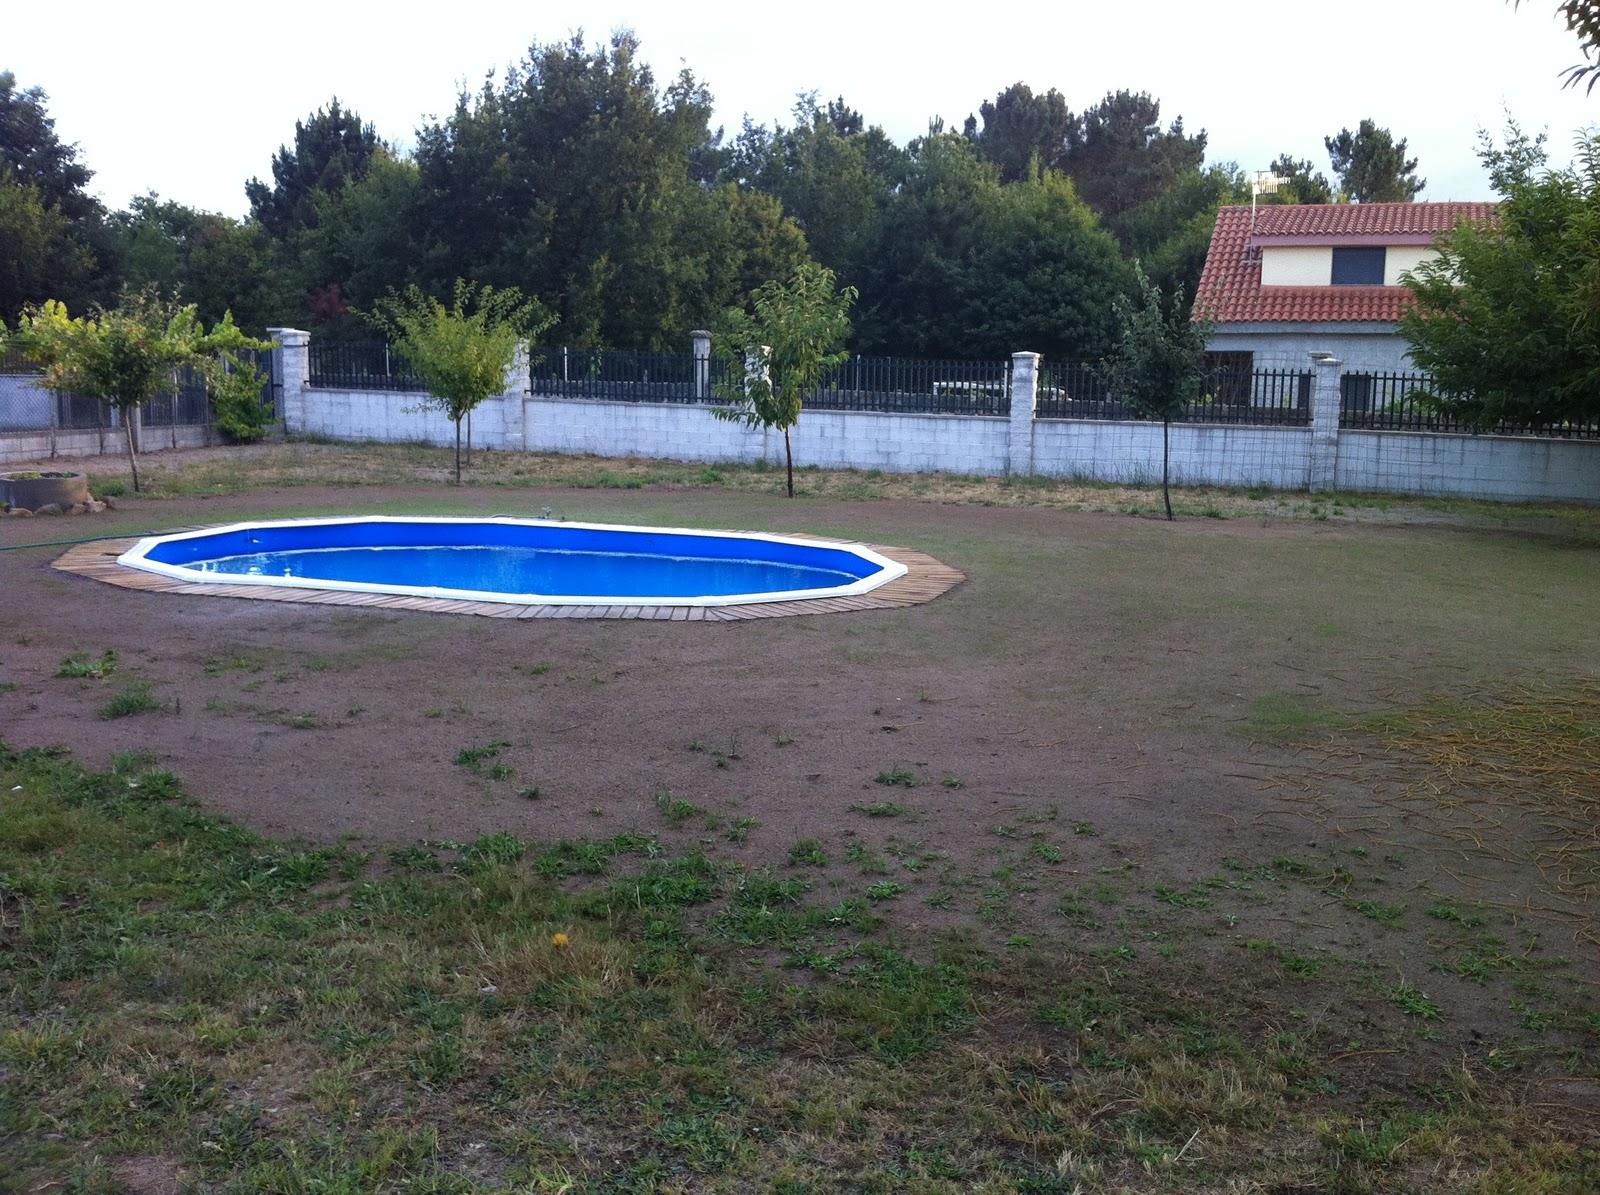 Que le pongo en el suelo a una piscina desmontable cheap - Suelo para piscina desmontable ...